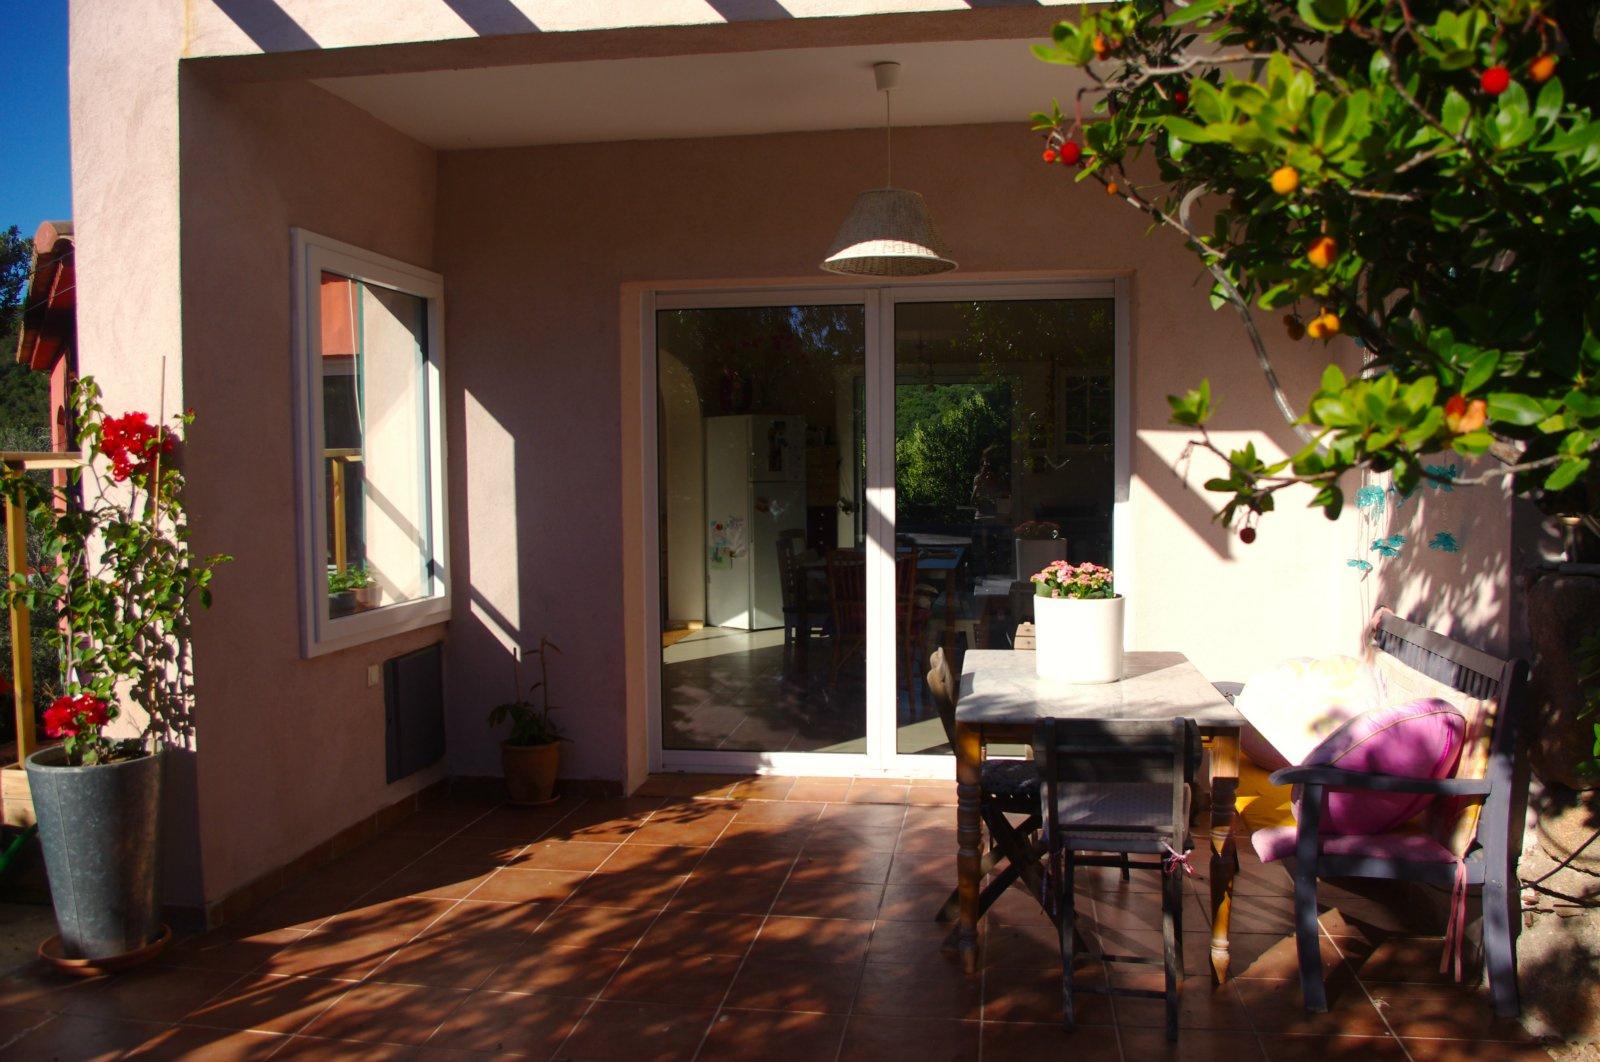 ouverture sur terrasse arrière et jardin